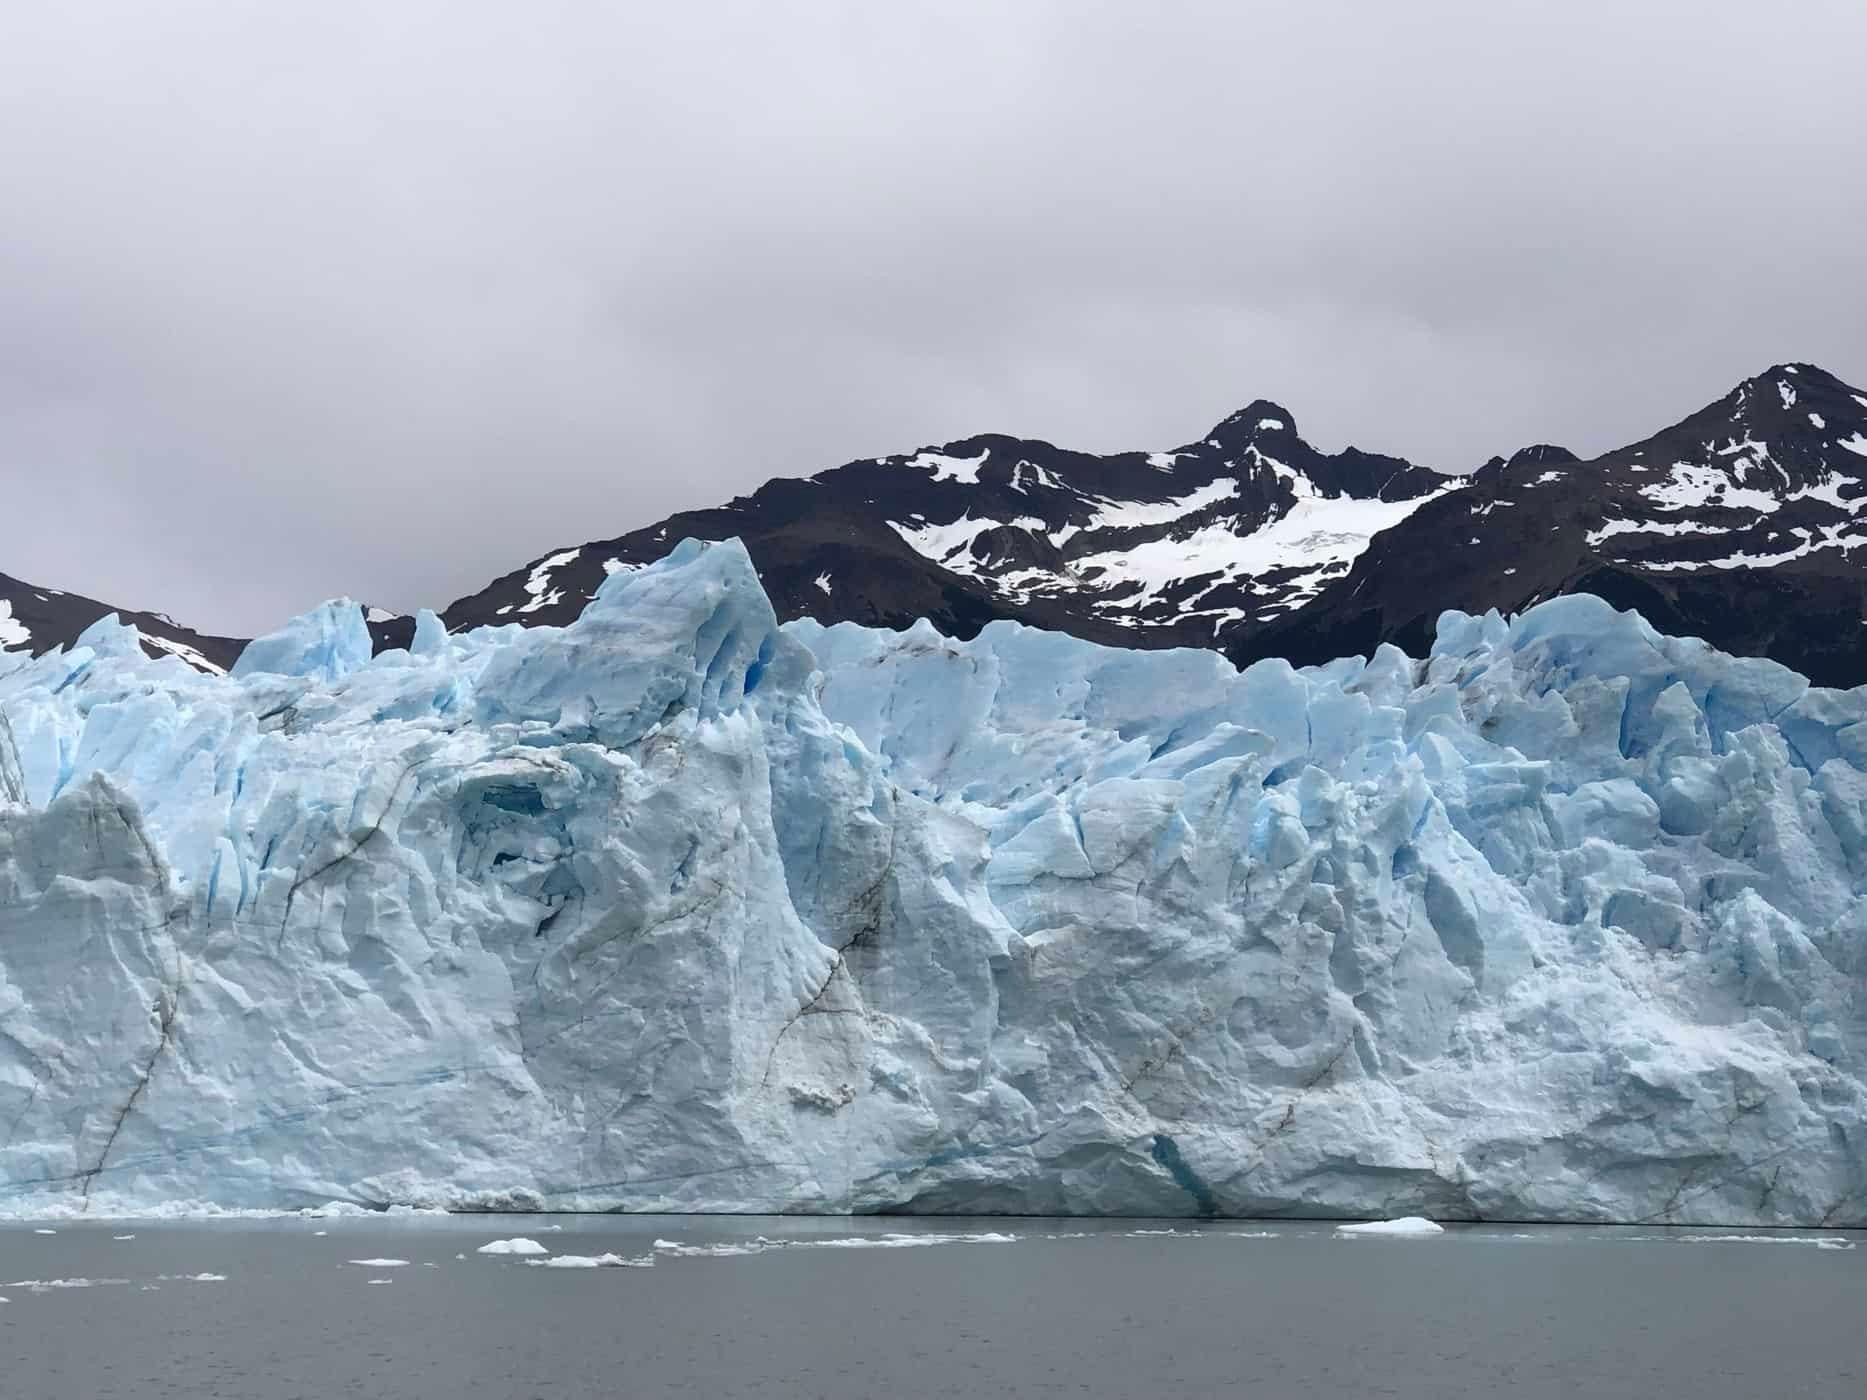 Amazing formation of glacier wall in Perito Moreno Glacier Patagonia Argentina